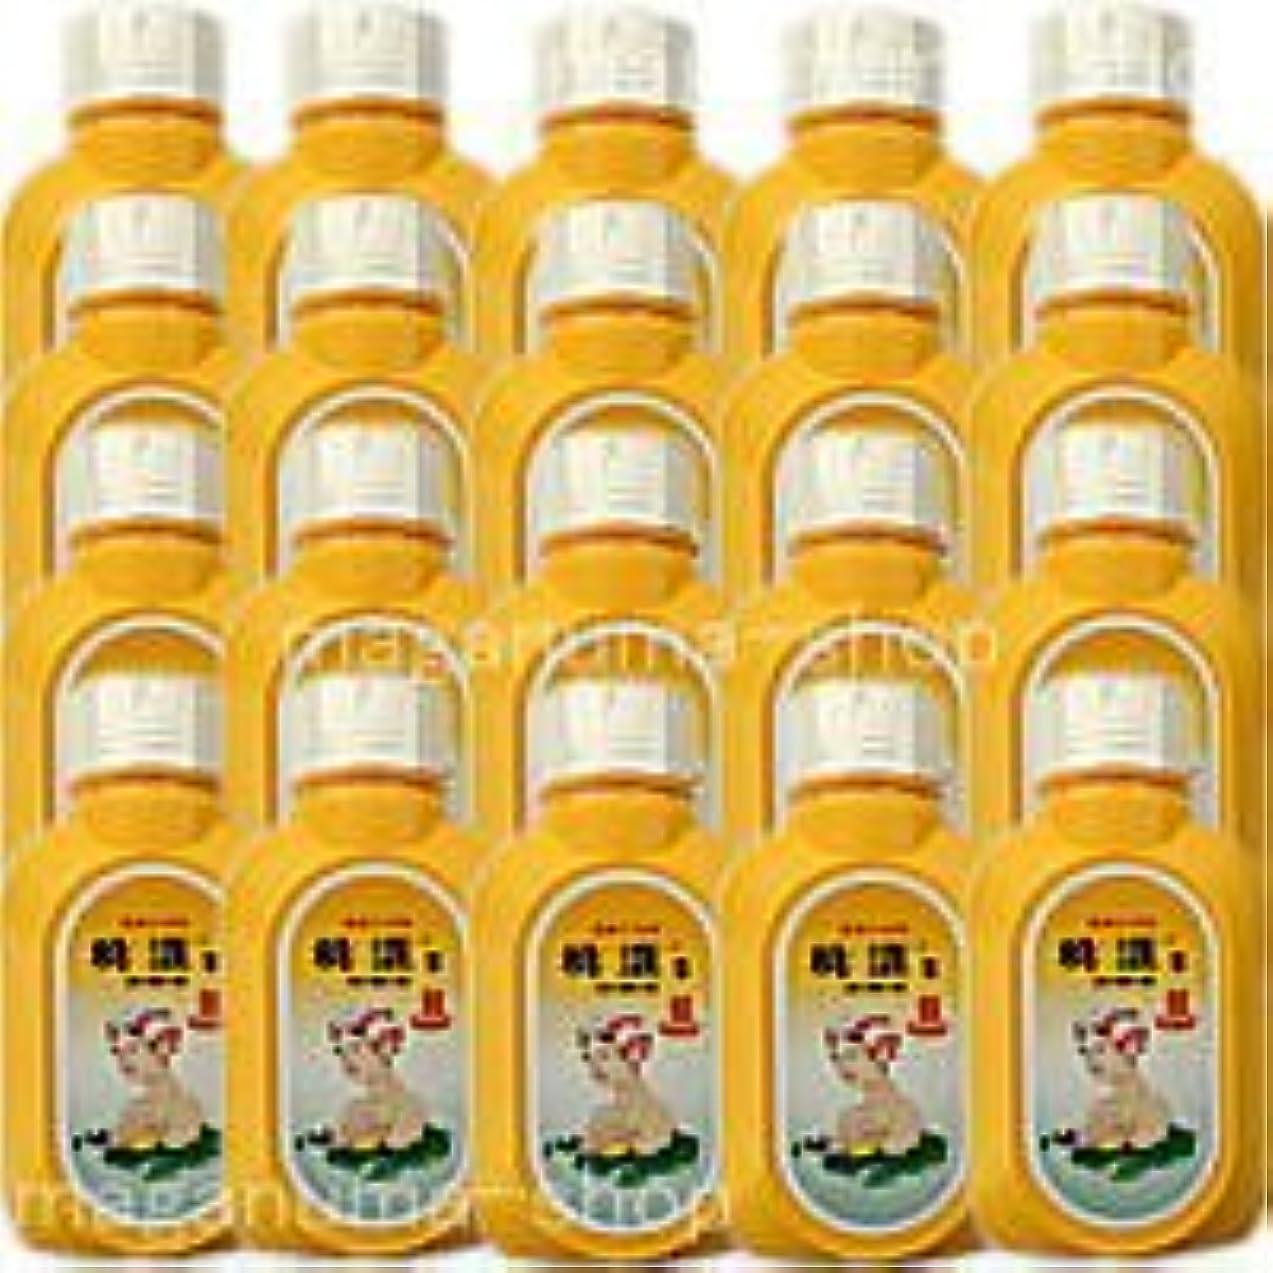 ドラフトディスパッチオープナー桃源S 桃の葉の精 700g(オレンジ) 20個